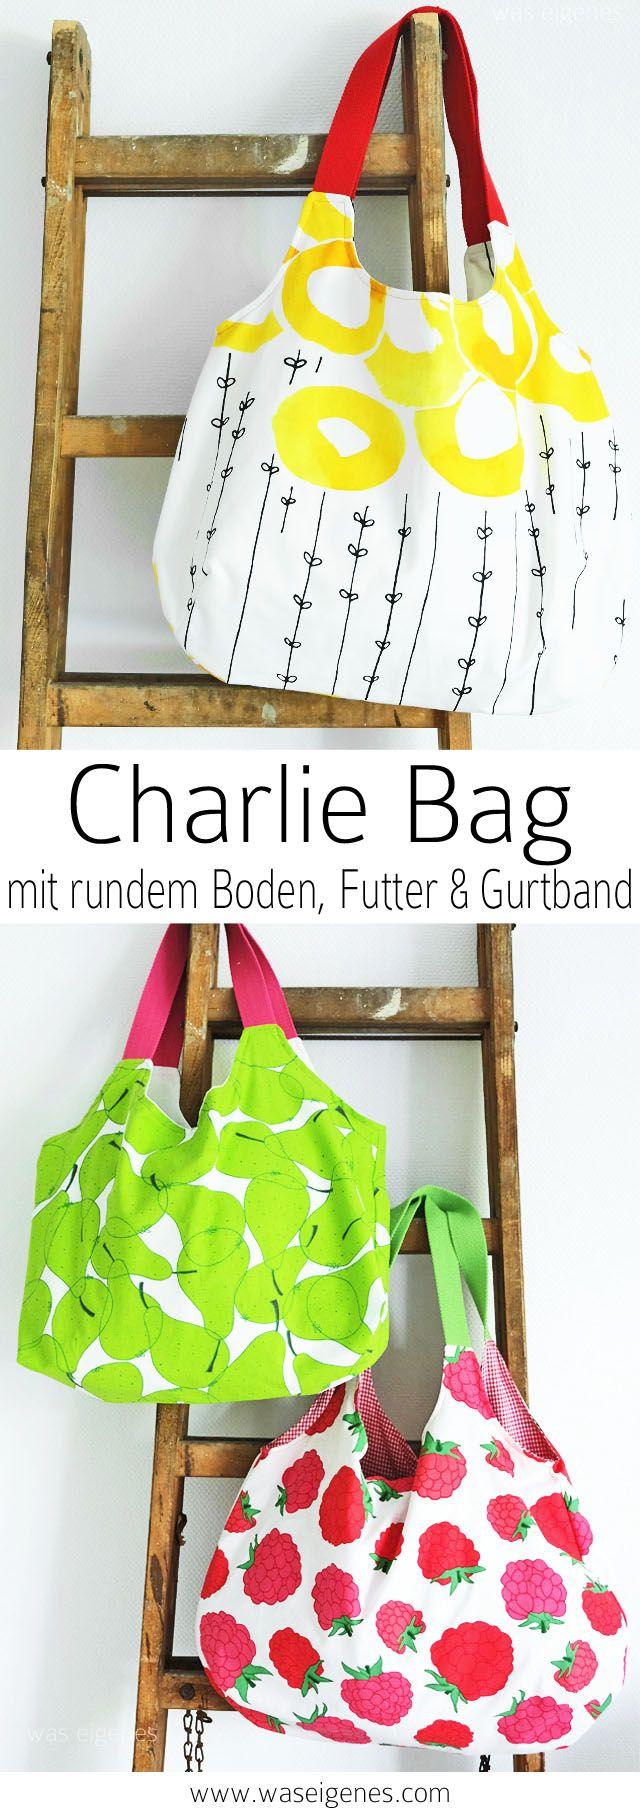 charlie bag mit gurtband und geringerem stoffverbrauch. Black Bedroom Furniture Sets. Home Design Ideas